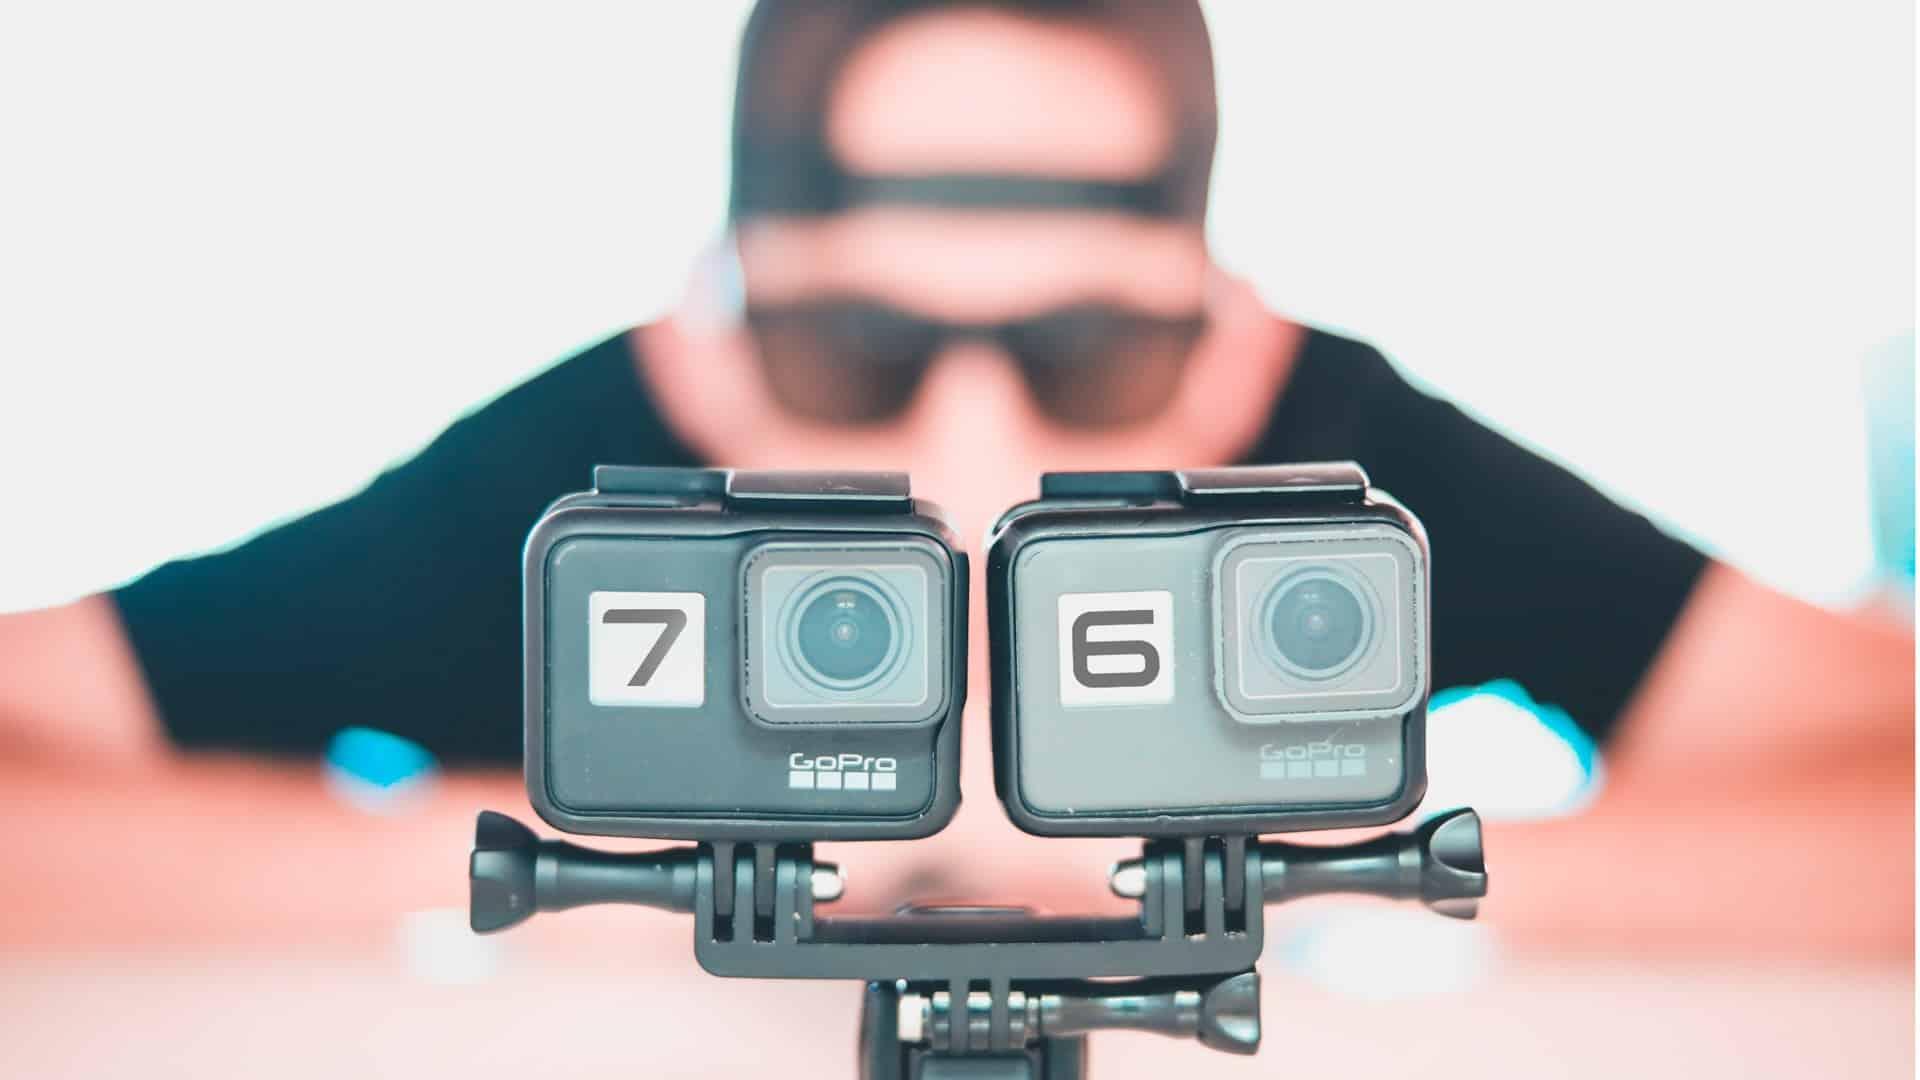 GoPro HERO 7 vs HERO 6 Stabilization Comparison